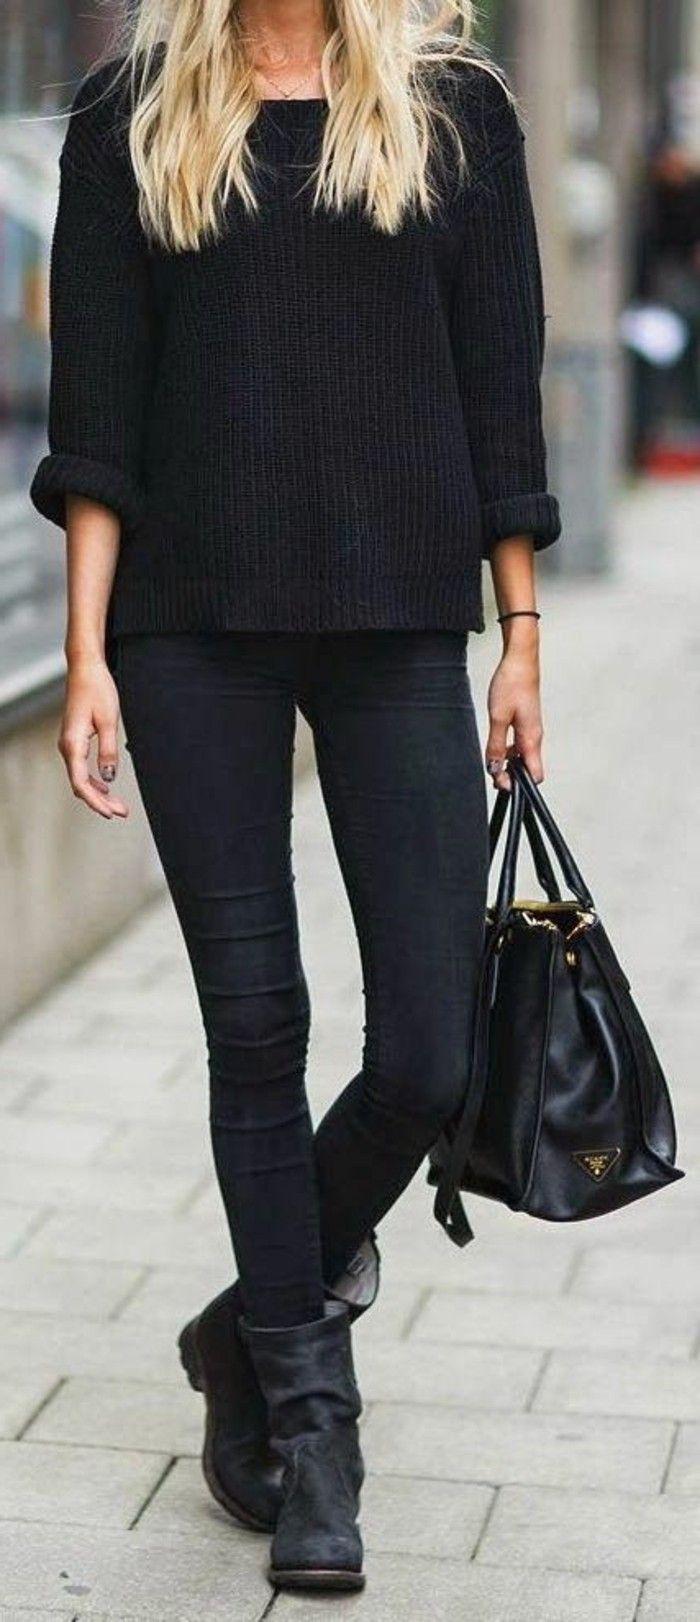 Les bottines femme - voyez les meilleurs tendances! - Archzine.fr ... 3a964b1dfb54